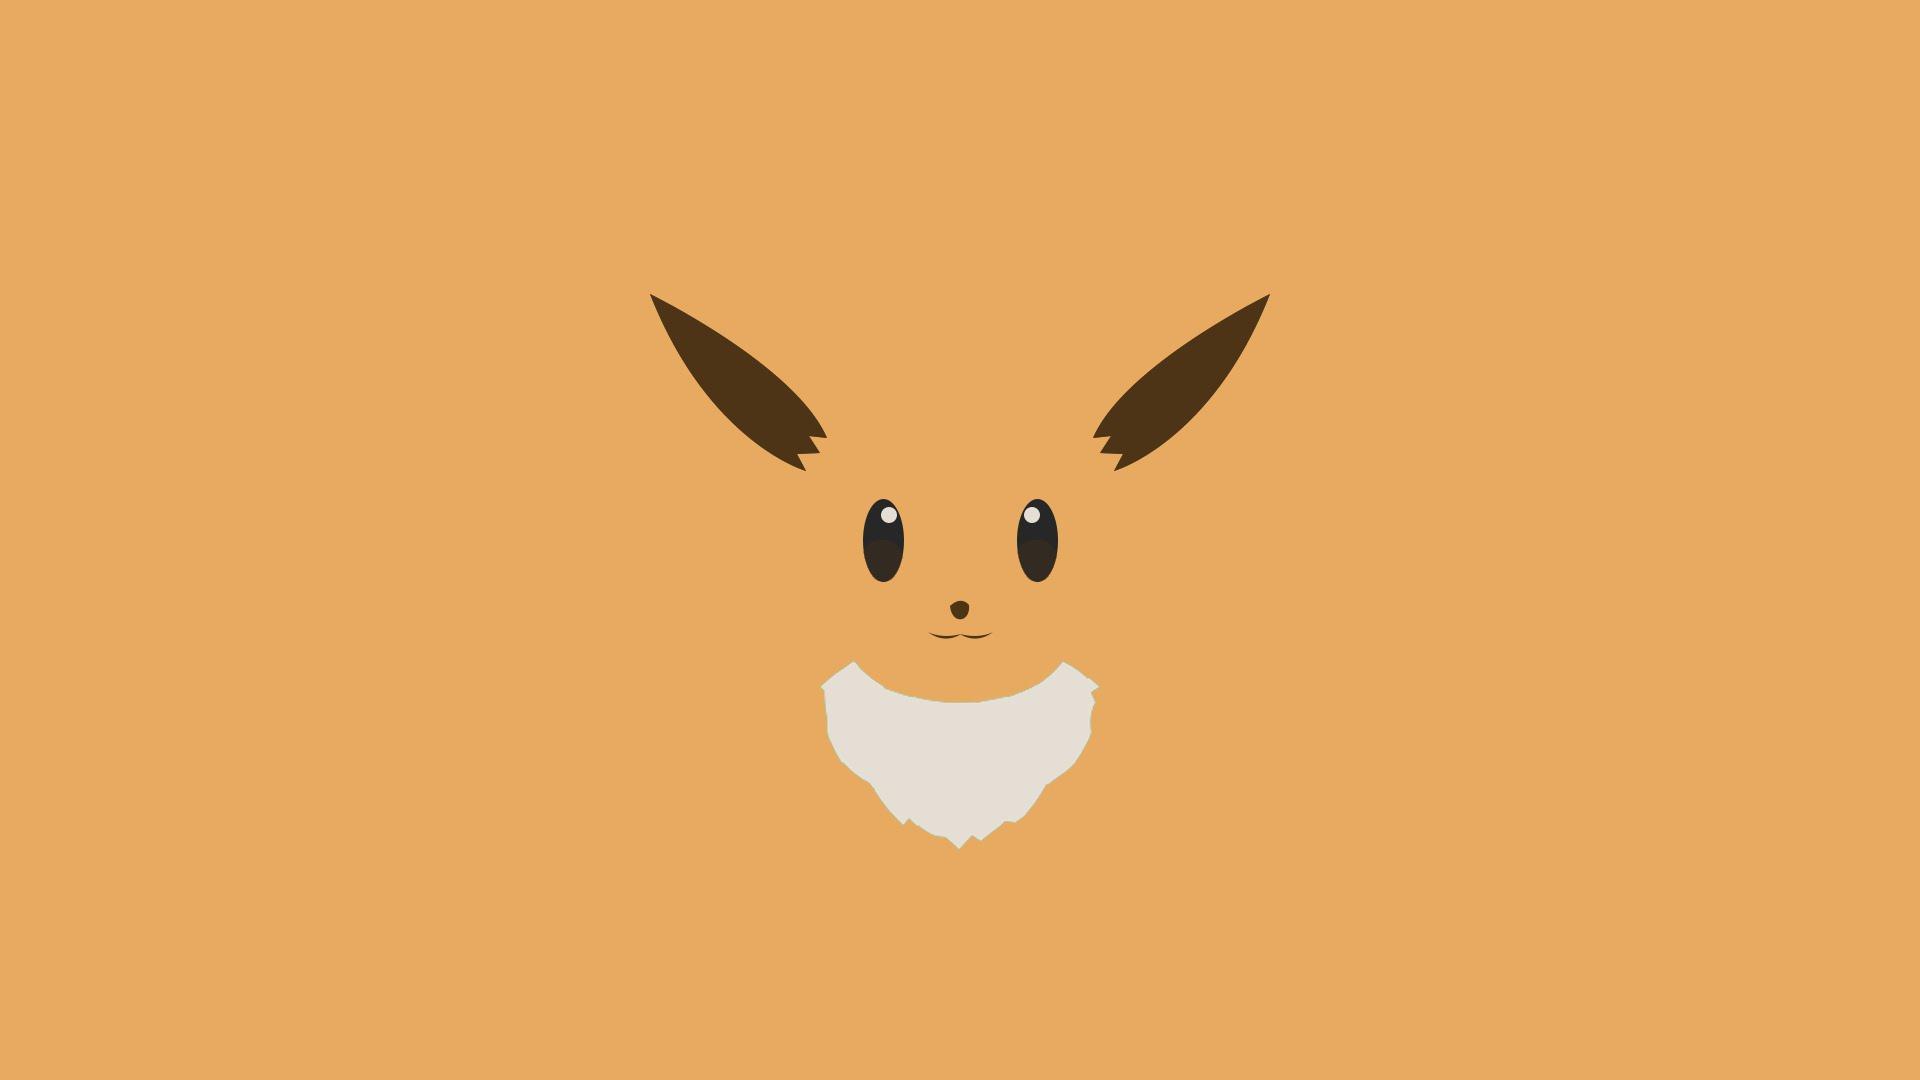 Eevee Pokemon Wallpaper Download Free Hd Wallpapers